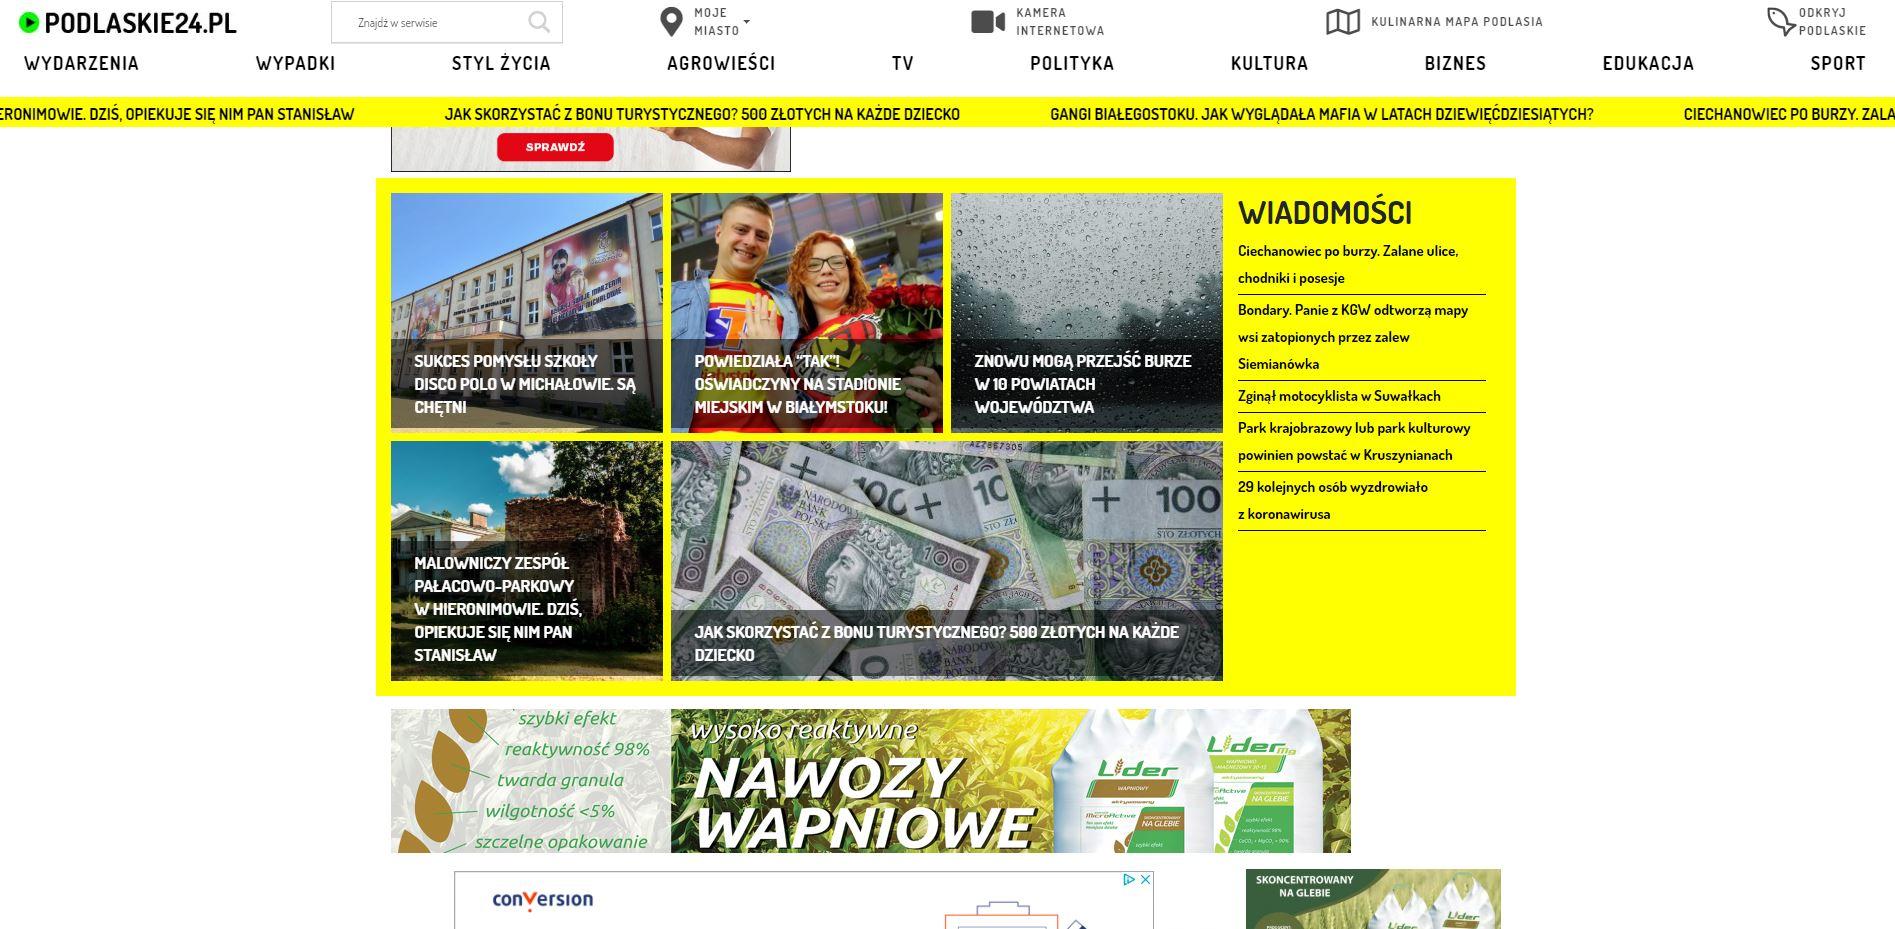 Portal informacyjny Podlaskie24